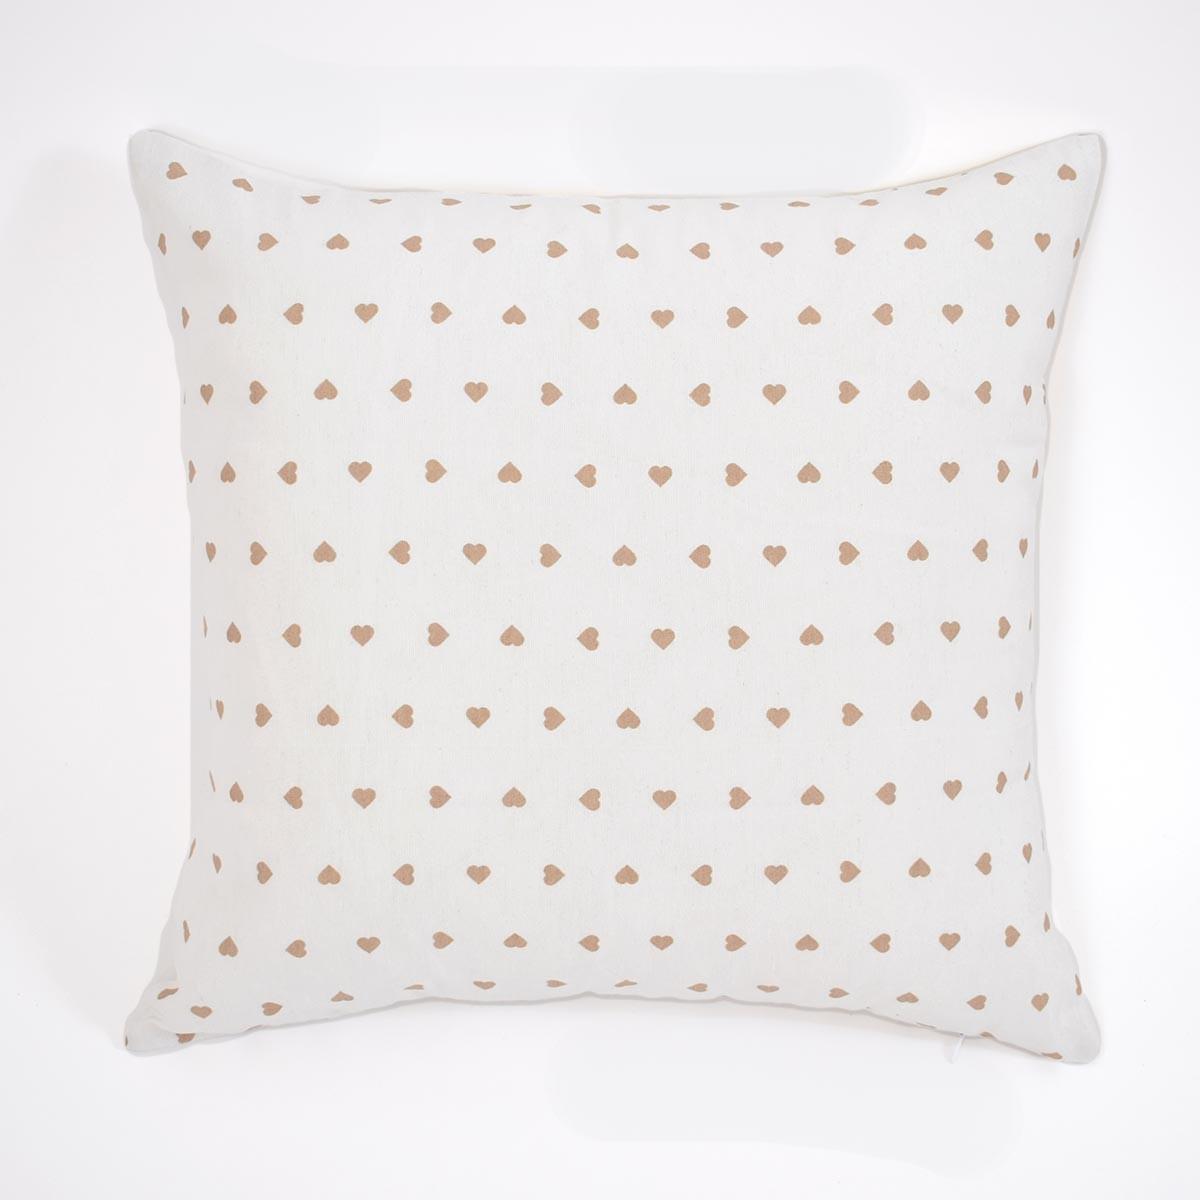 Διακοσμητική Μαξιλαροθήκη (45x45) Corazon White-Beige